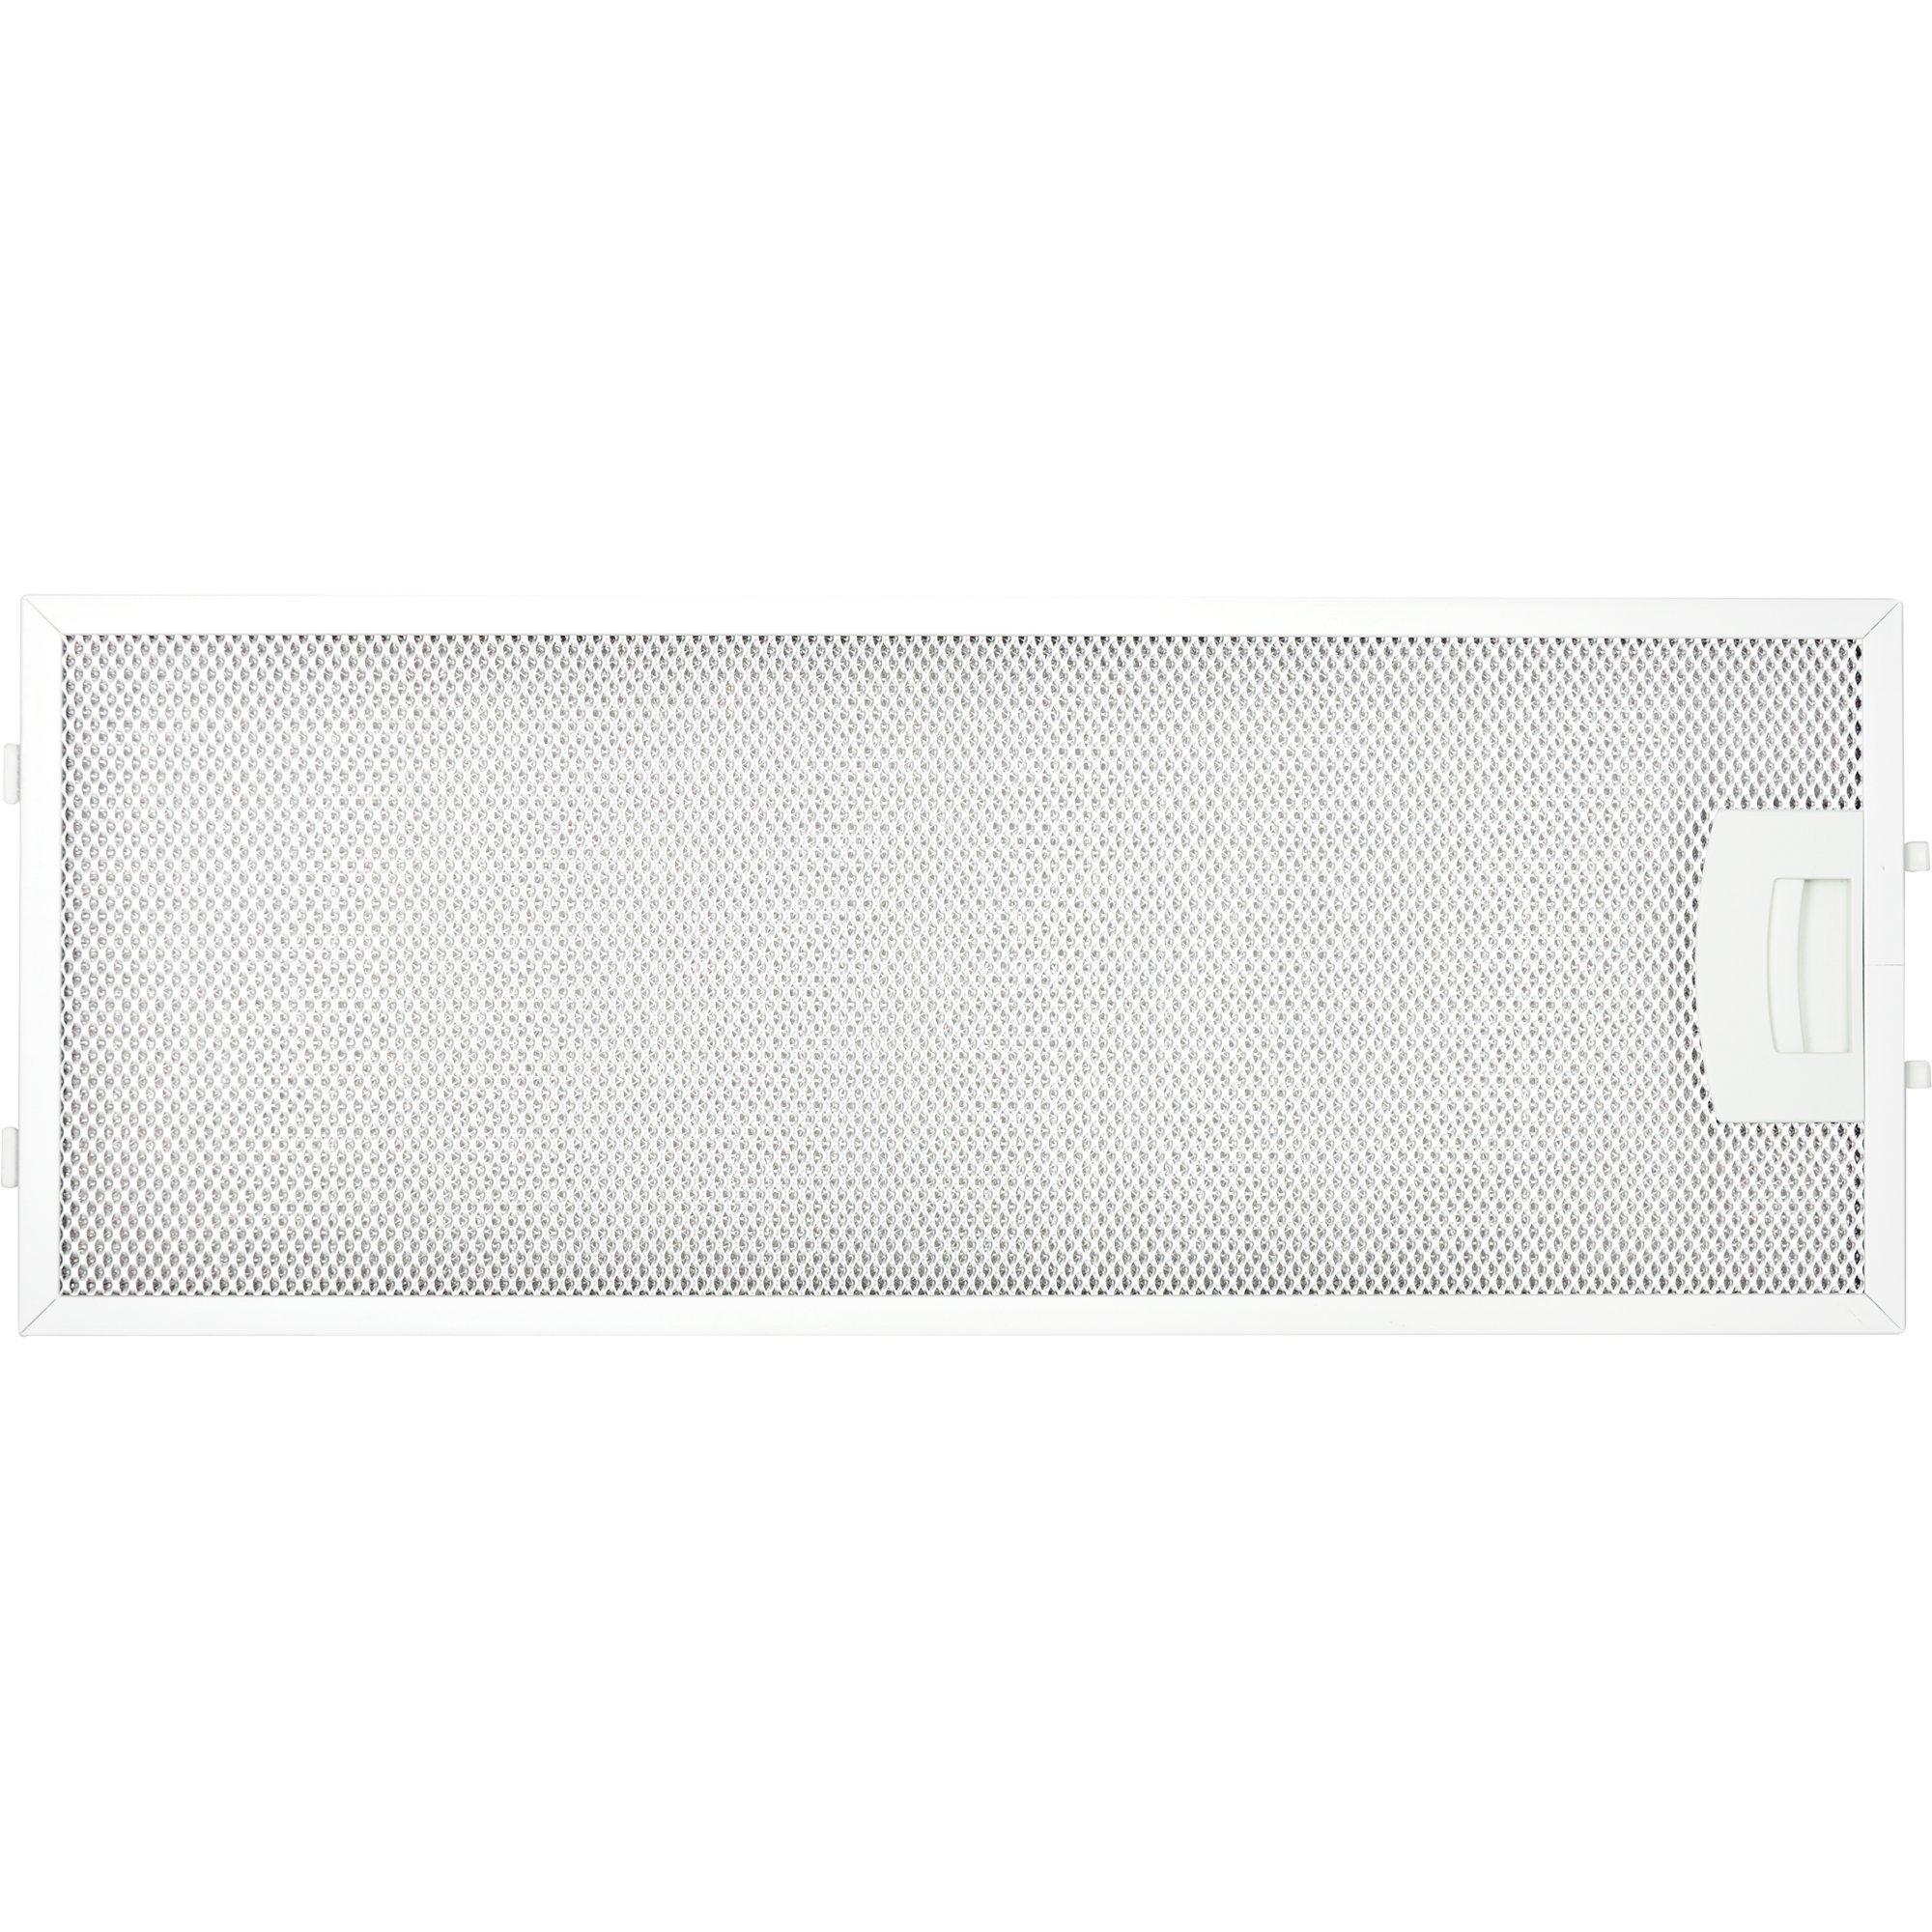 Bosch 6900352813 - Filtro de campana extractora: Amazon.es: Grandes electrodomésticos